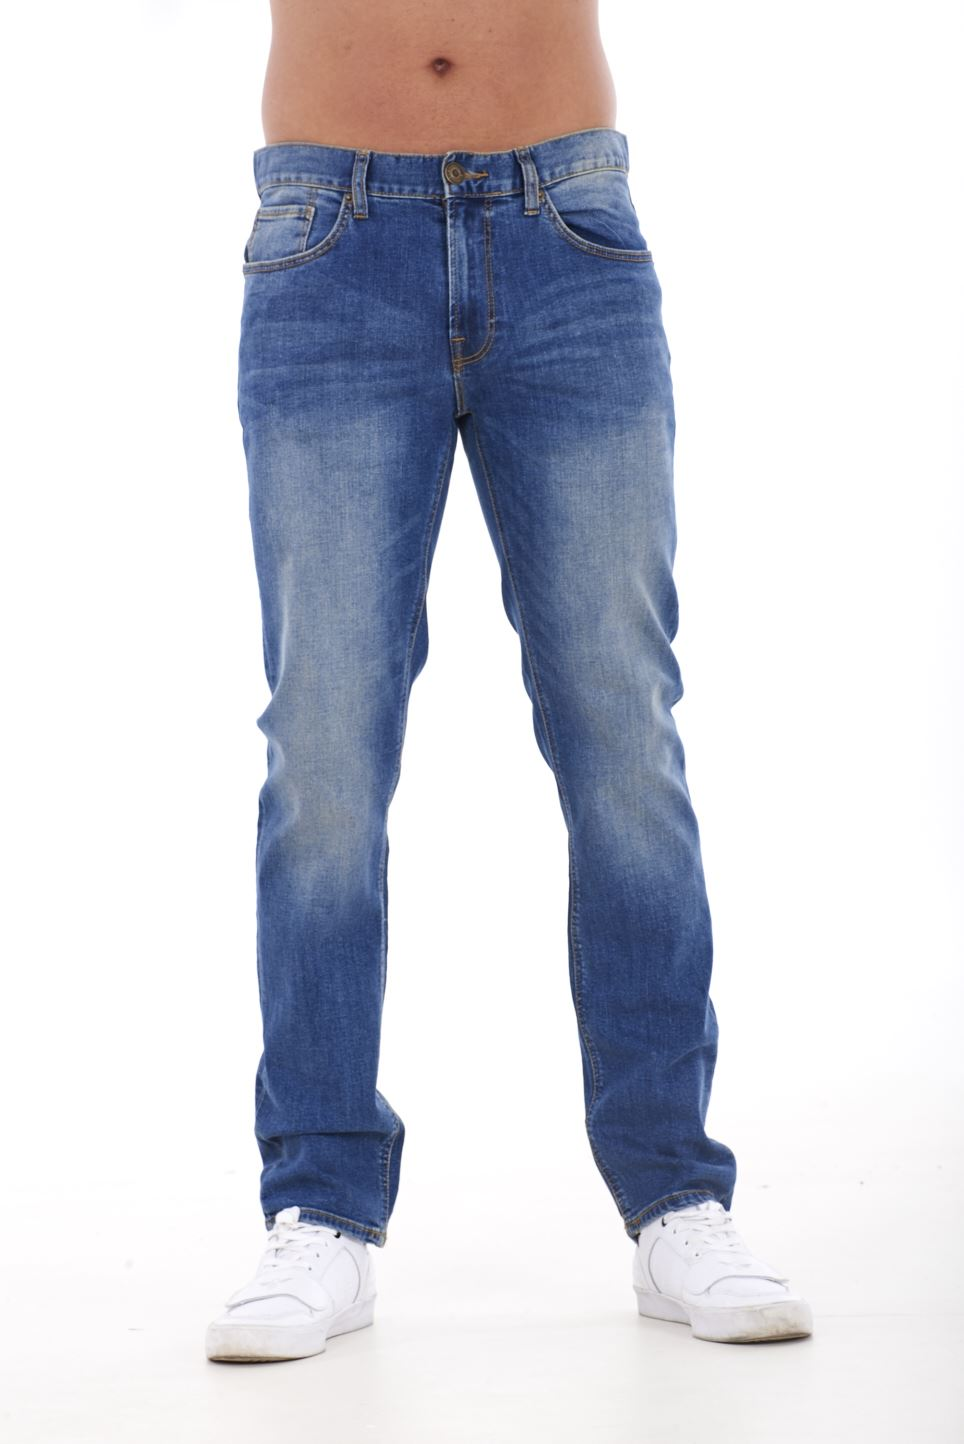 NUOVA-Linea-Uomo-Ragazzi-Slim-Fit-Stretch-Qualita-Jeans-Regolare-Pantaloni-con-marchio-SMART-30-40 miniatura 6